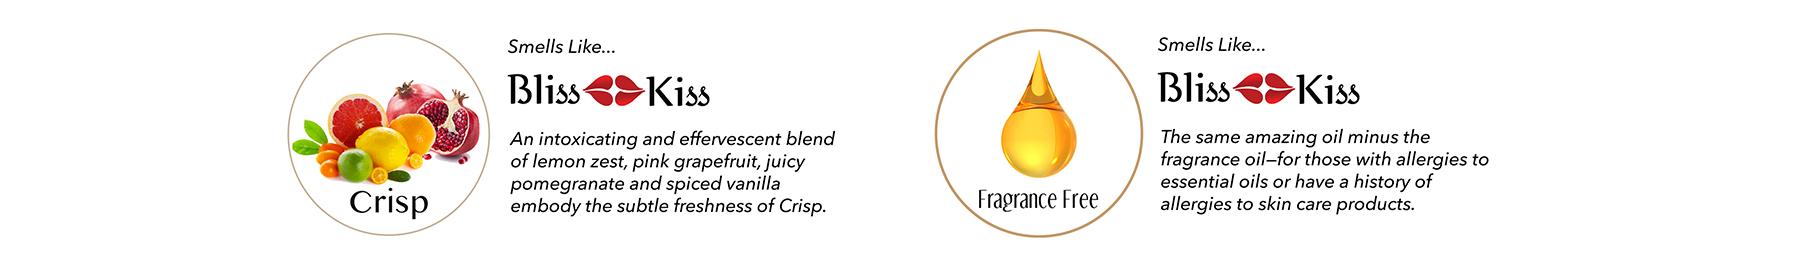 crisp-fragrance-free1500x750-images.png